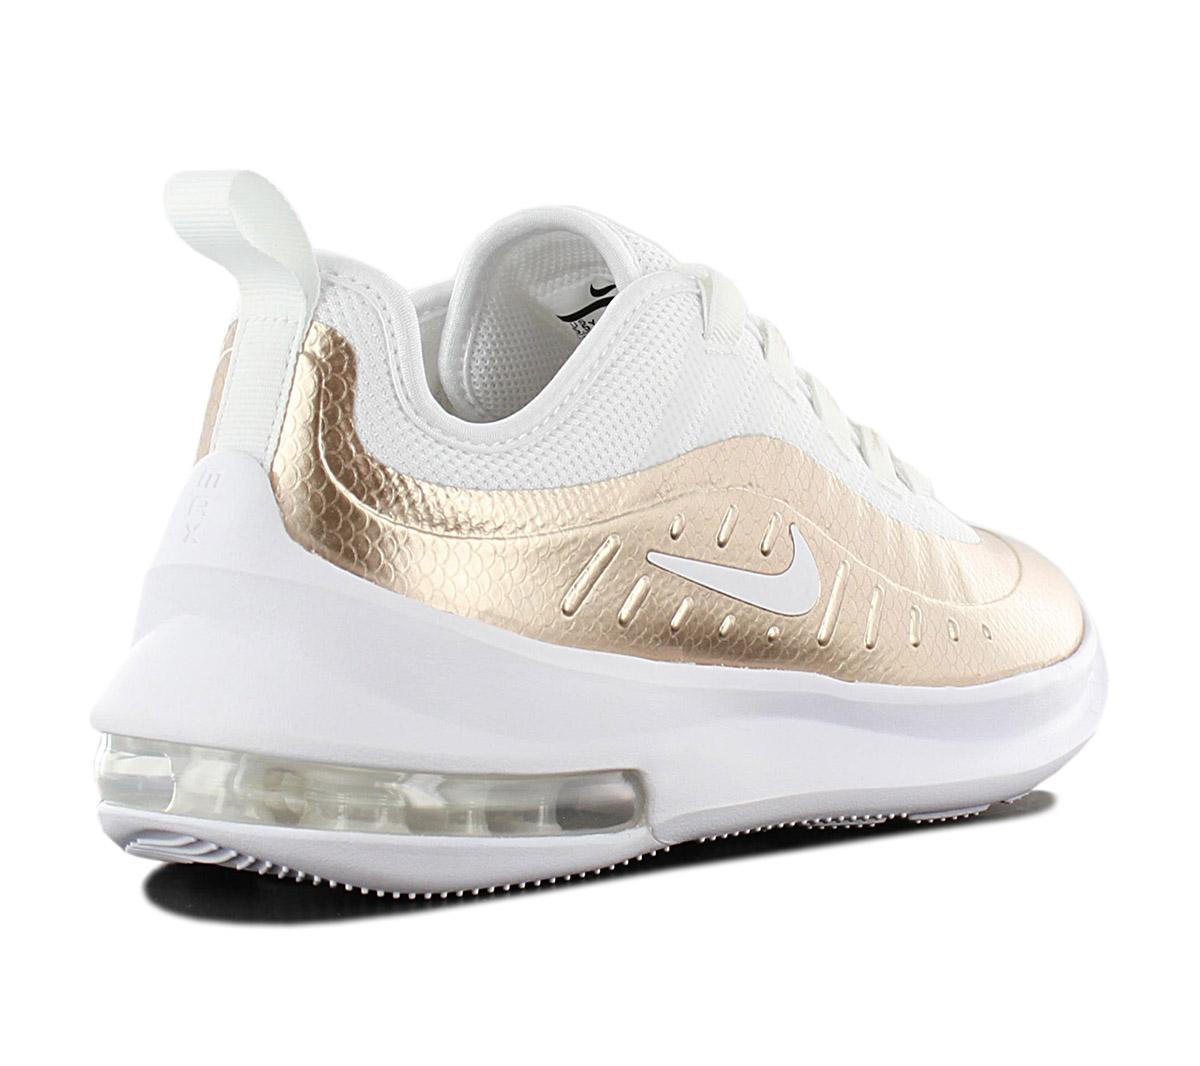 Nike Air Max Axis EP Damen Sneaker BV0810 100 Weiß Schuhe